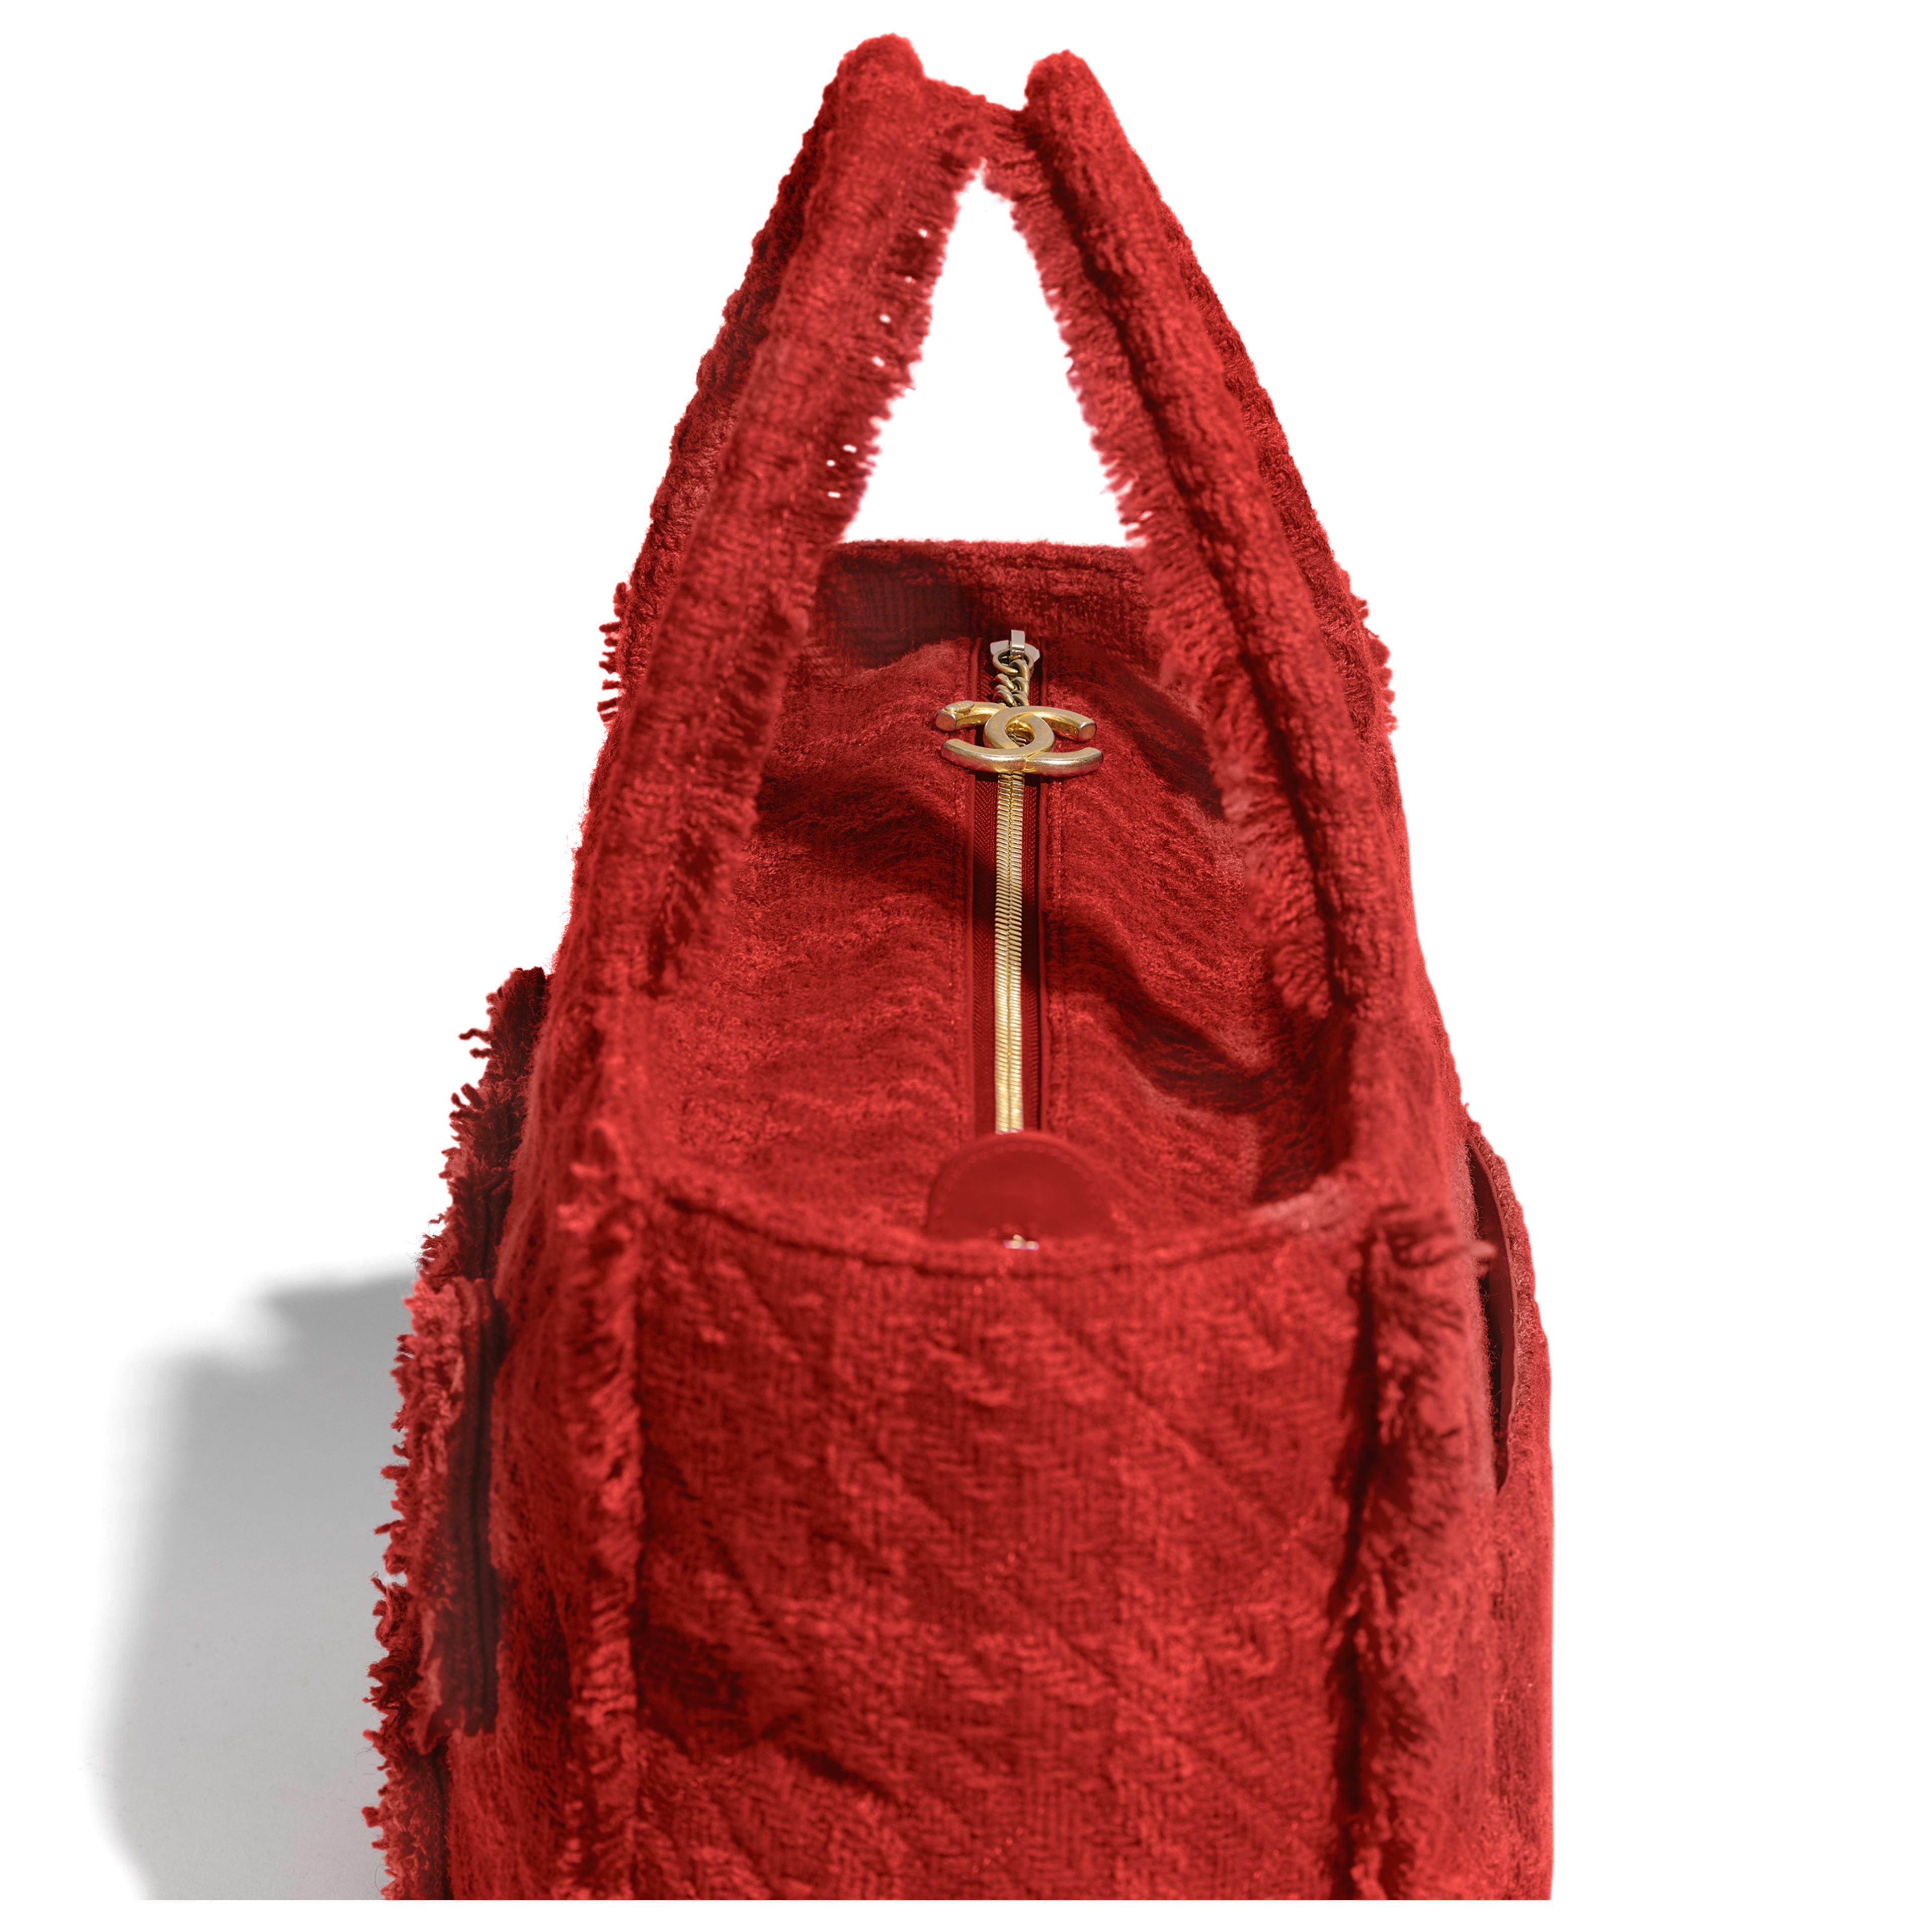 กระเป๋าช้อปปิ้งโท้ทใบใหญ่ตกแต่งซิป - สีแดง - ผ้าทวีตขนสัตว์ และโลหะสีทอง - มุมมองพิเศษ - ดูเวอร์ชันขนาดเต็ม